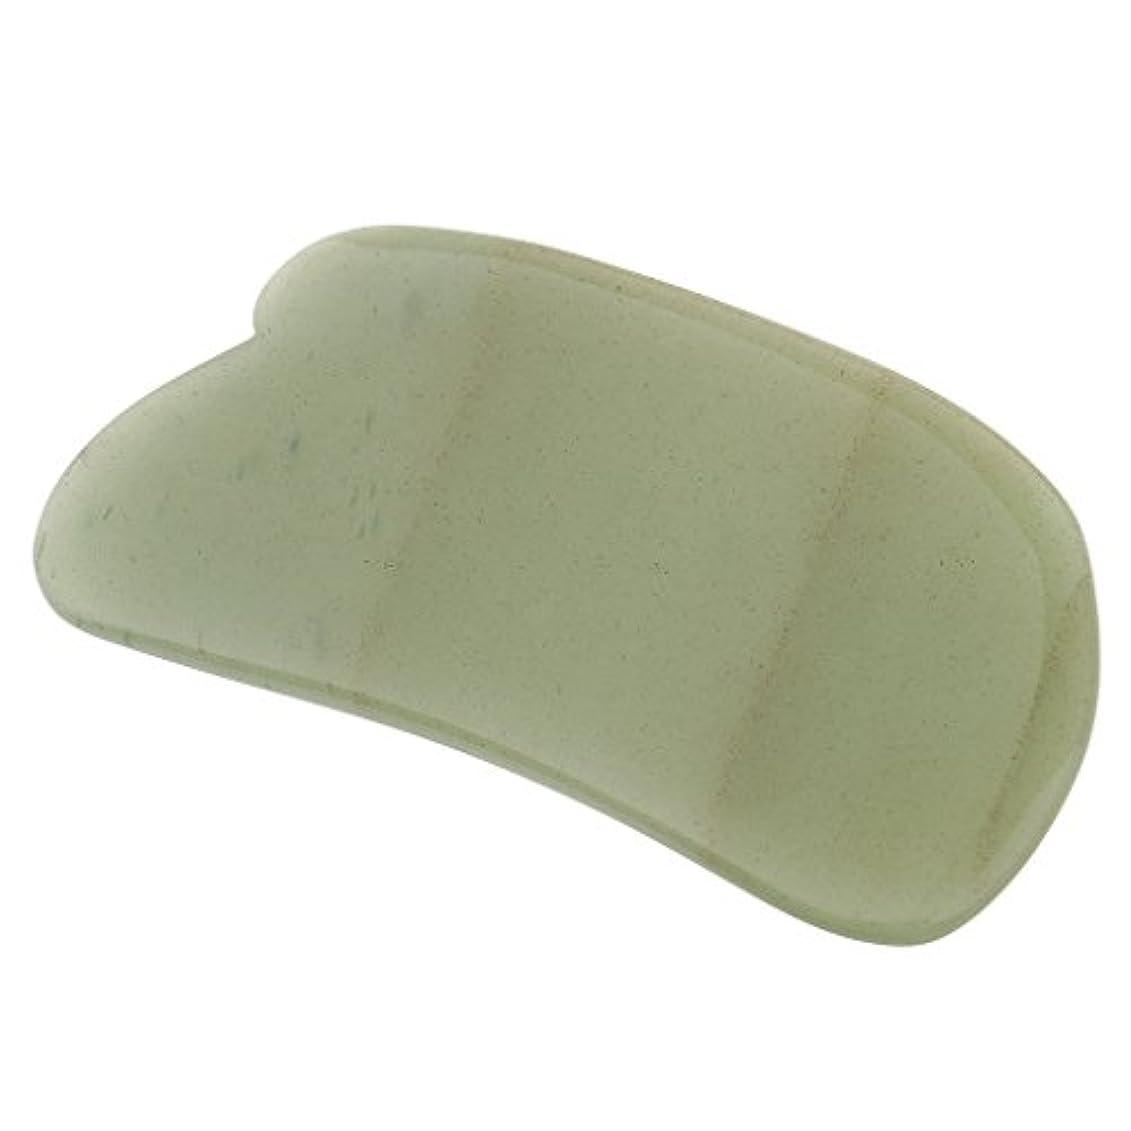 柱やけどドールPerfk カッサ板 美顔 天然石  アベンチュリン カッサボード カッサマッサージ道具 ギフト マッサージ道具  健康ツール 2タイプ選べ  - タイプ1